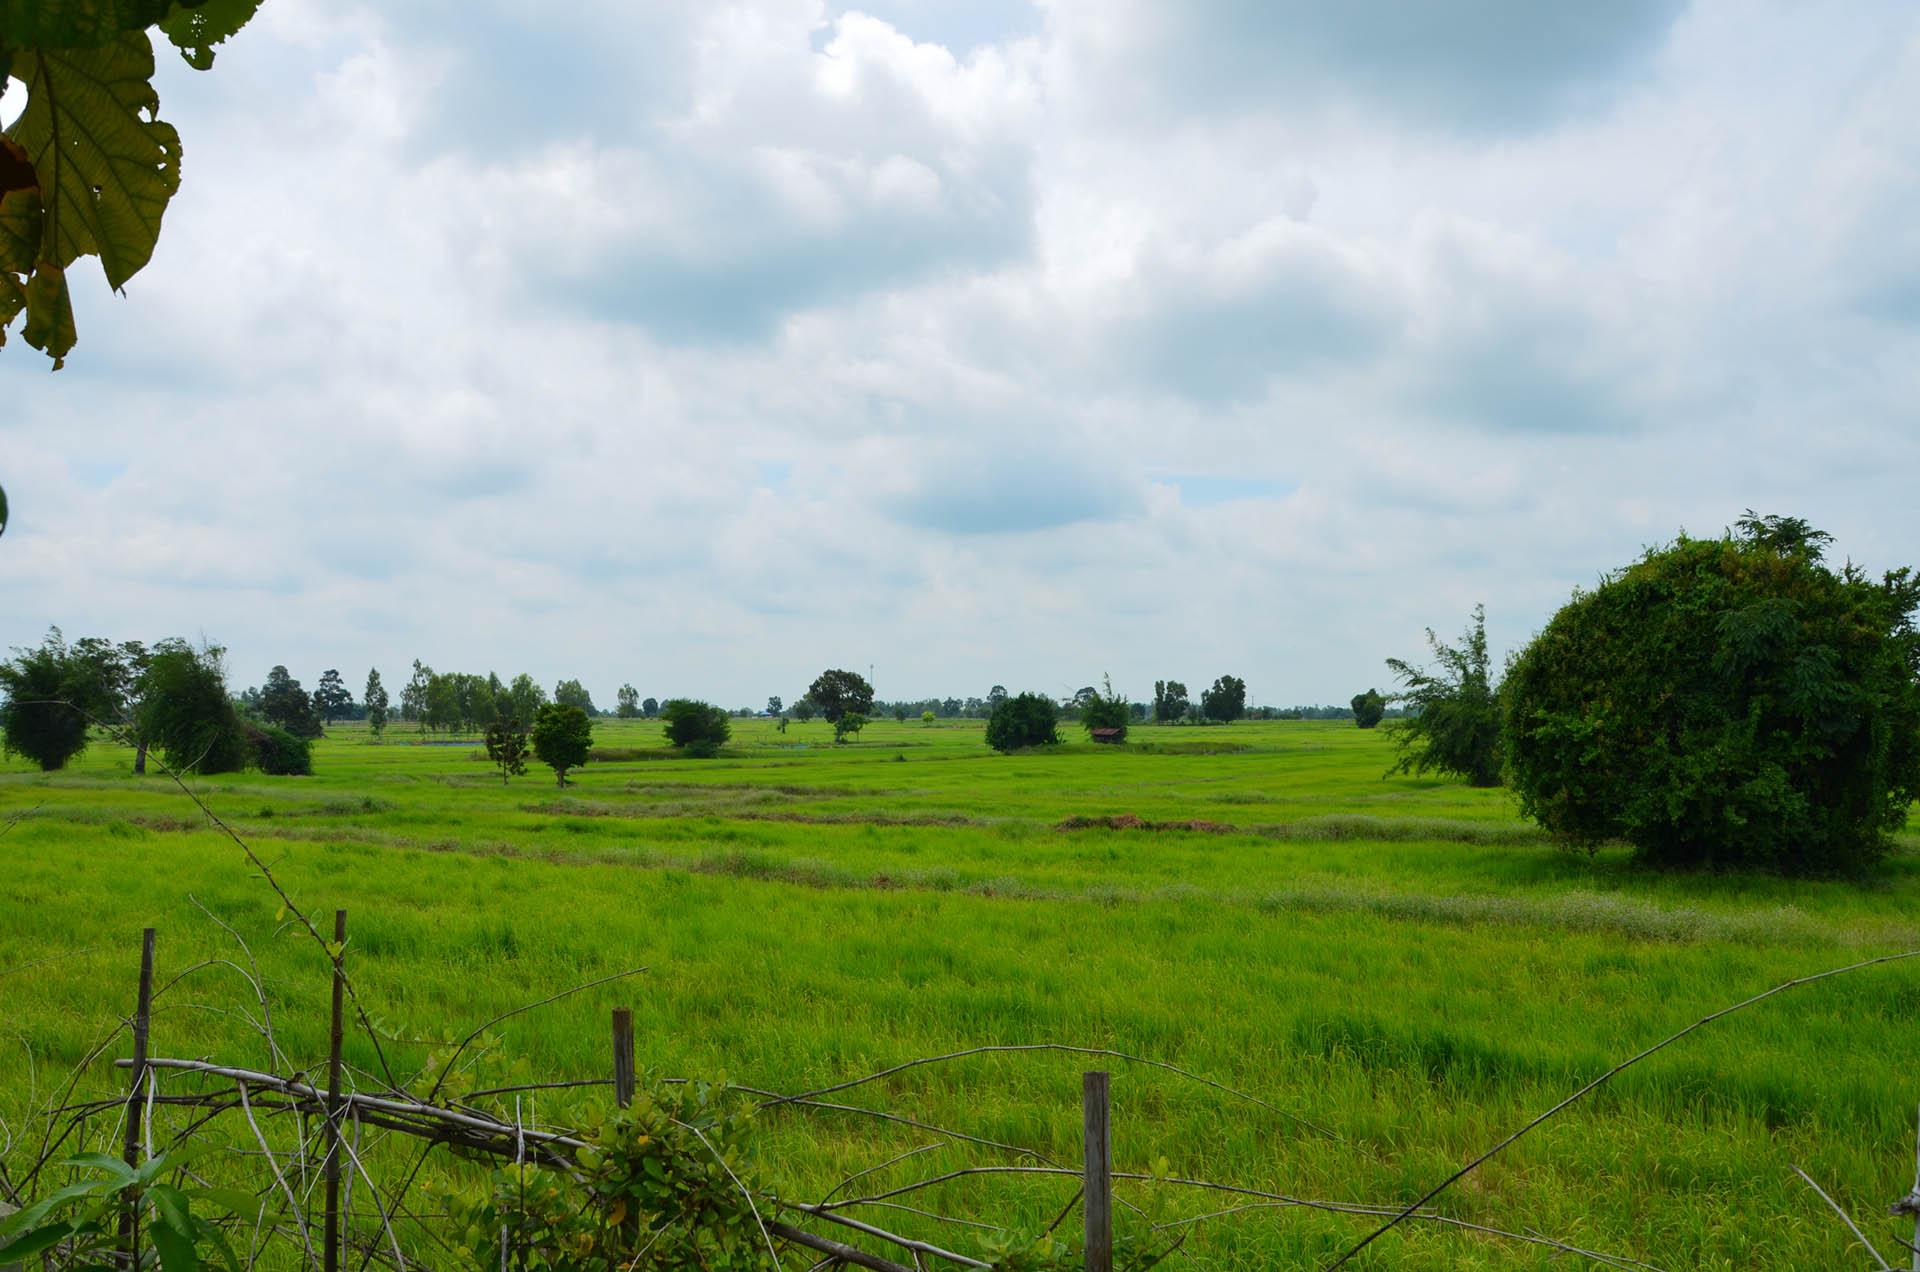 in mitten von Reisfeldern